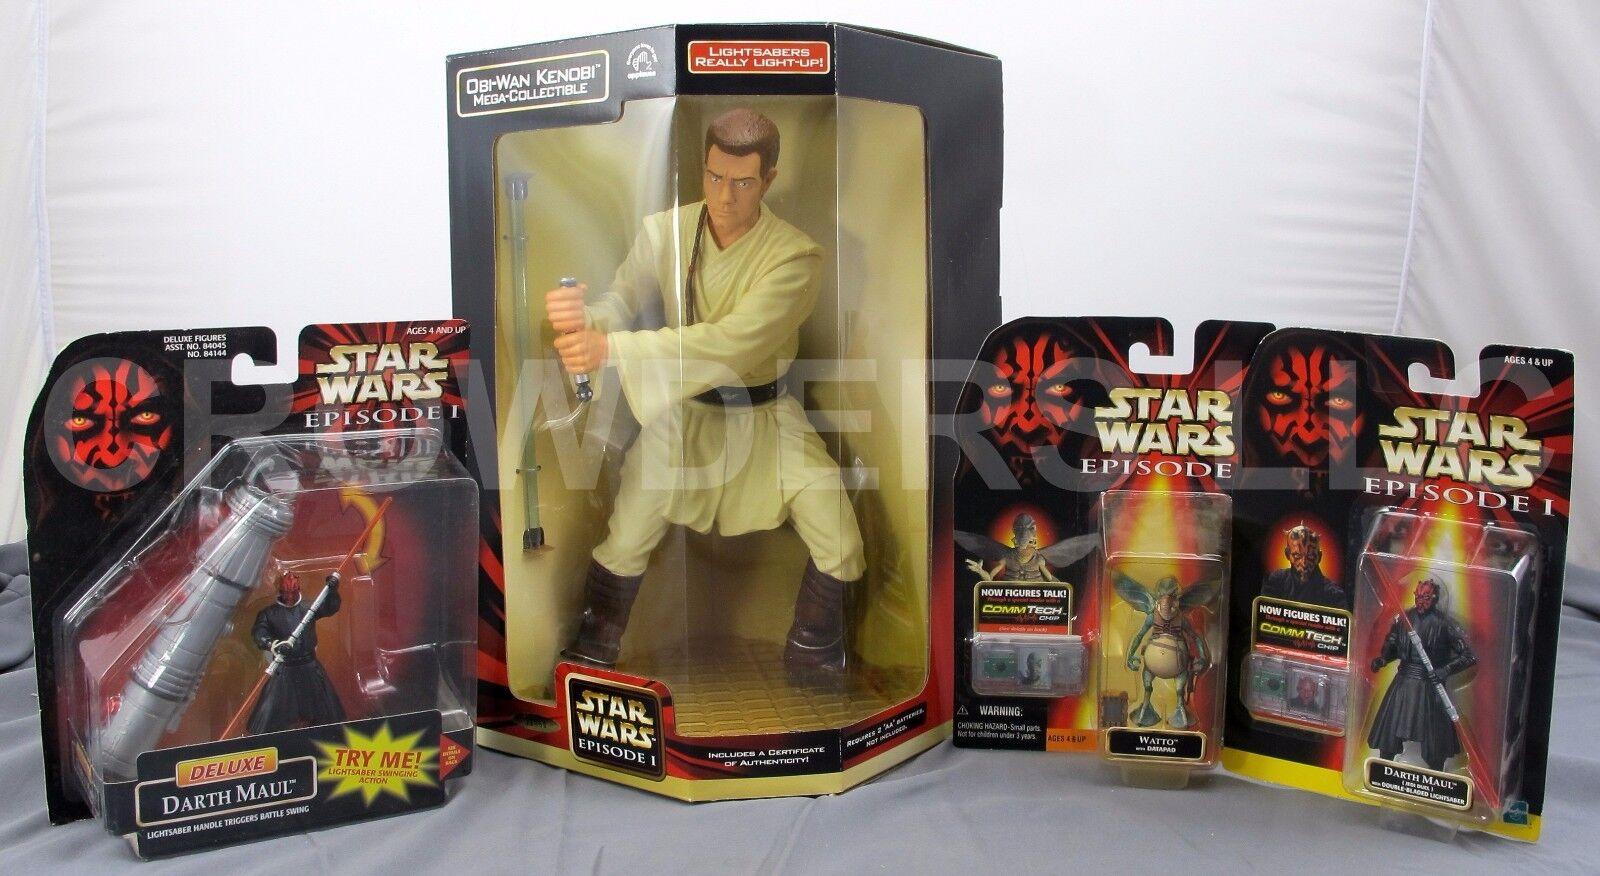 Star Wars Obi Wan Wan Wan Kenobi Mega Collectible Darth Maul Deluxe & Jedi Duel + Watto fd44d0